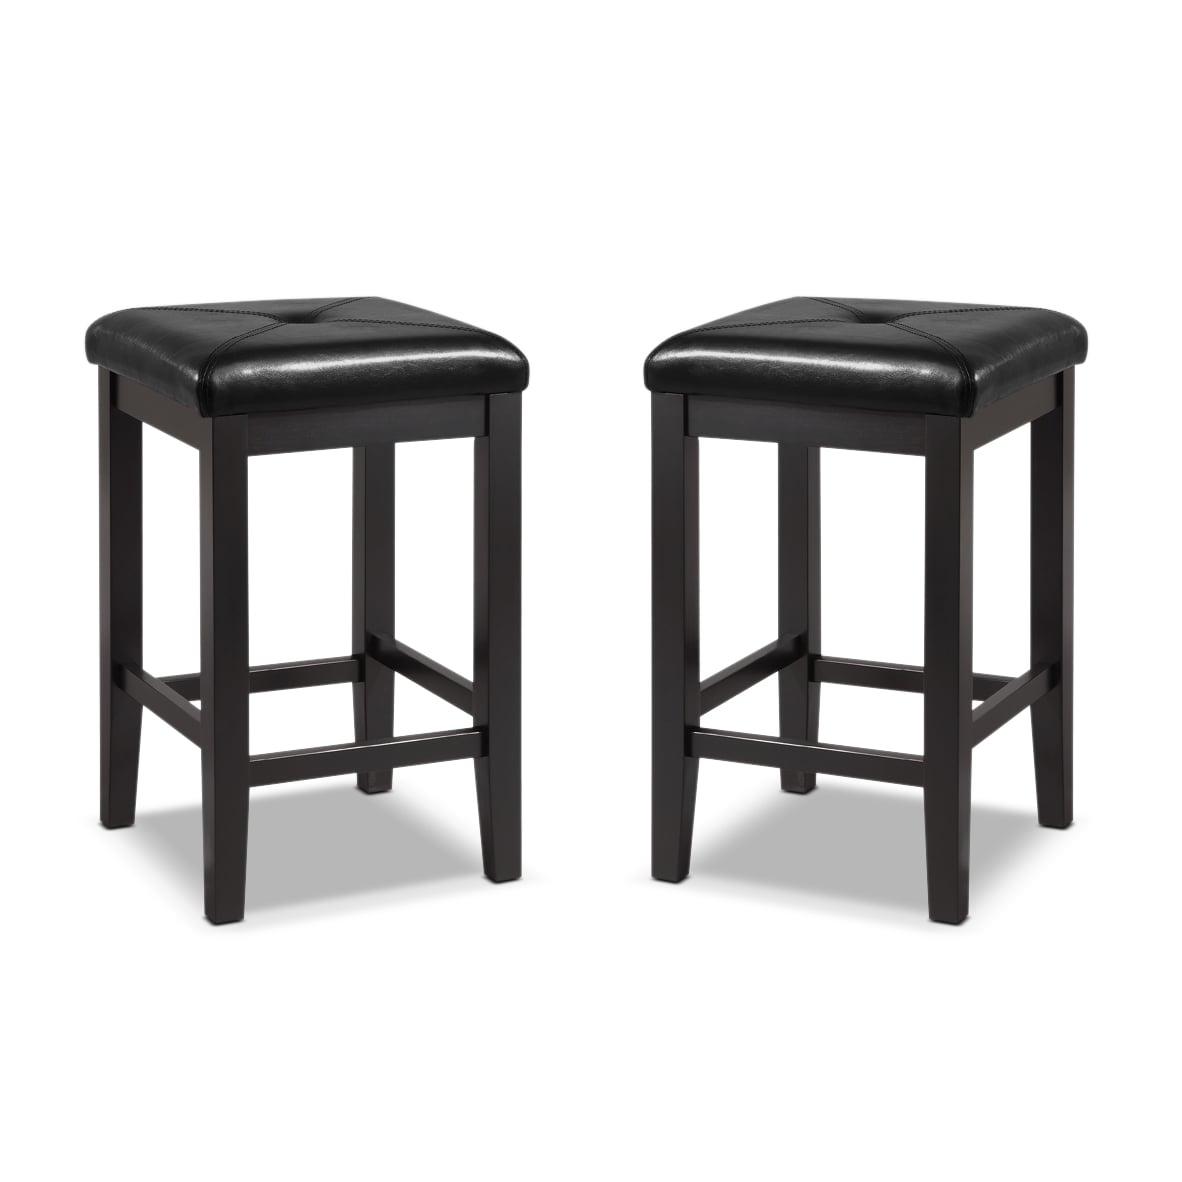 Bodega 2-Pack Barstools - Black